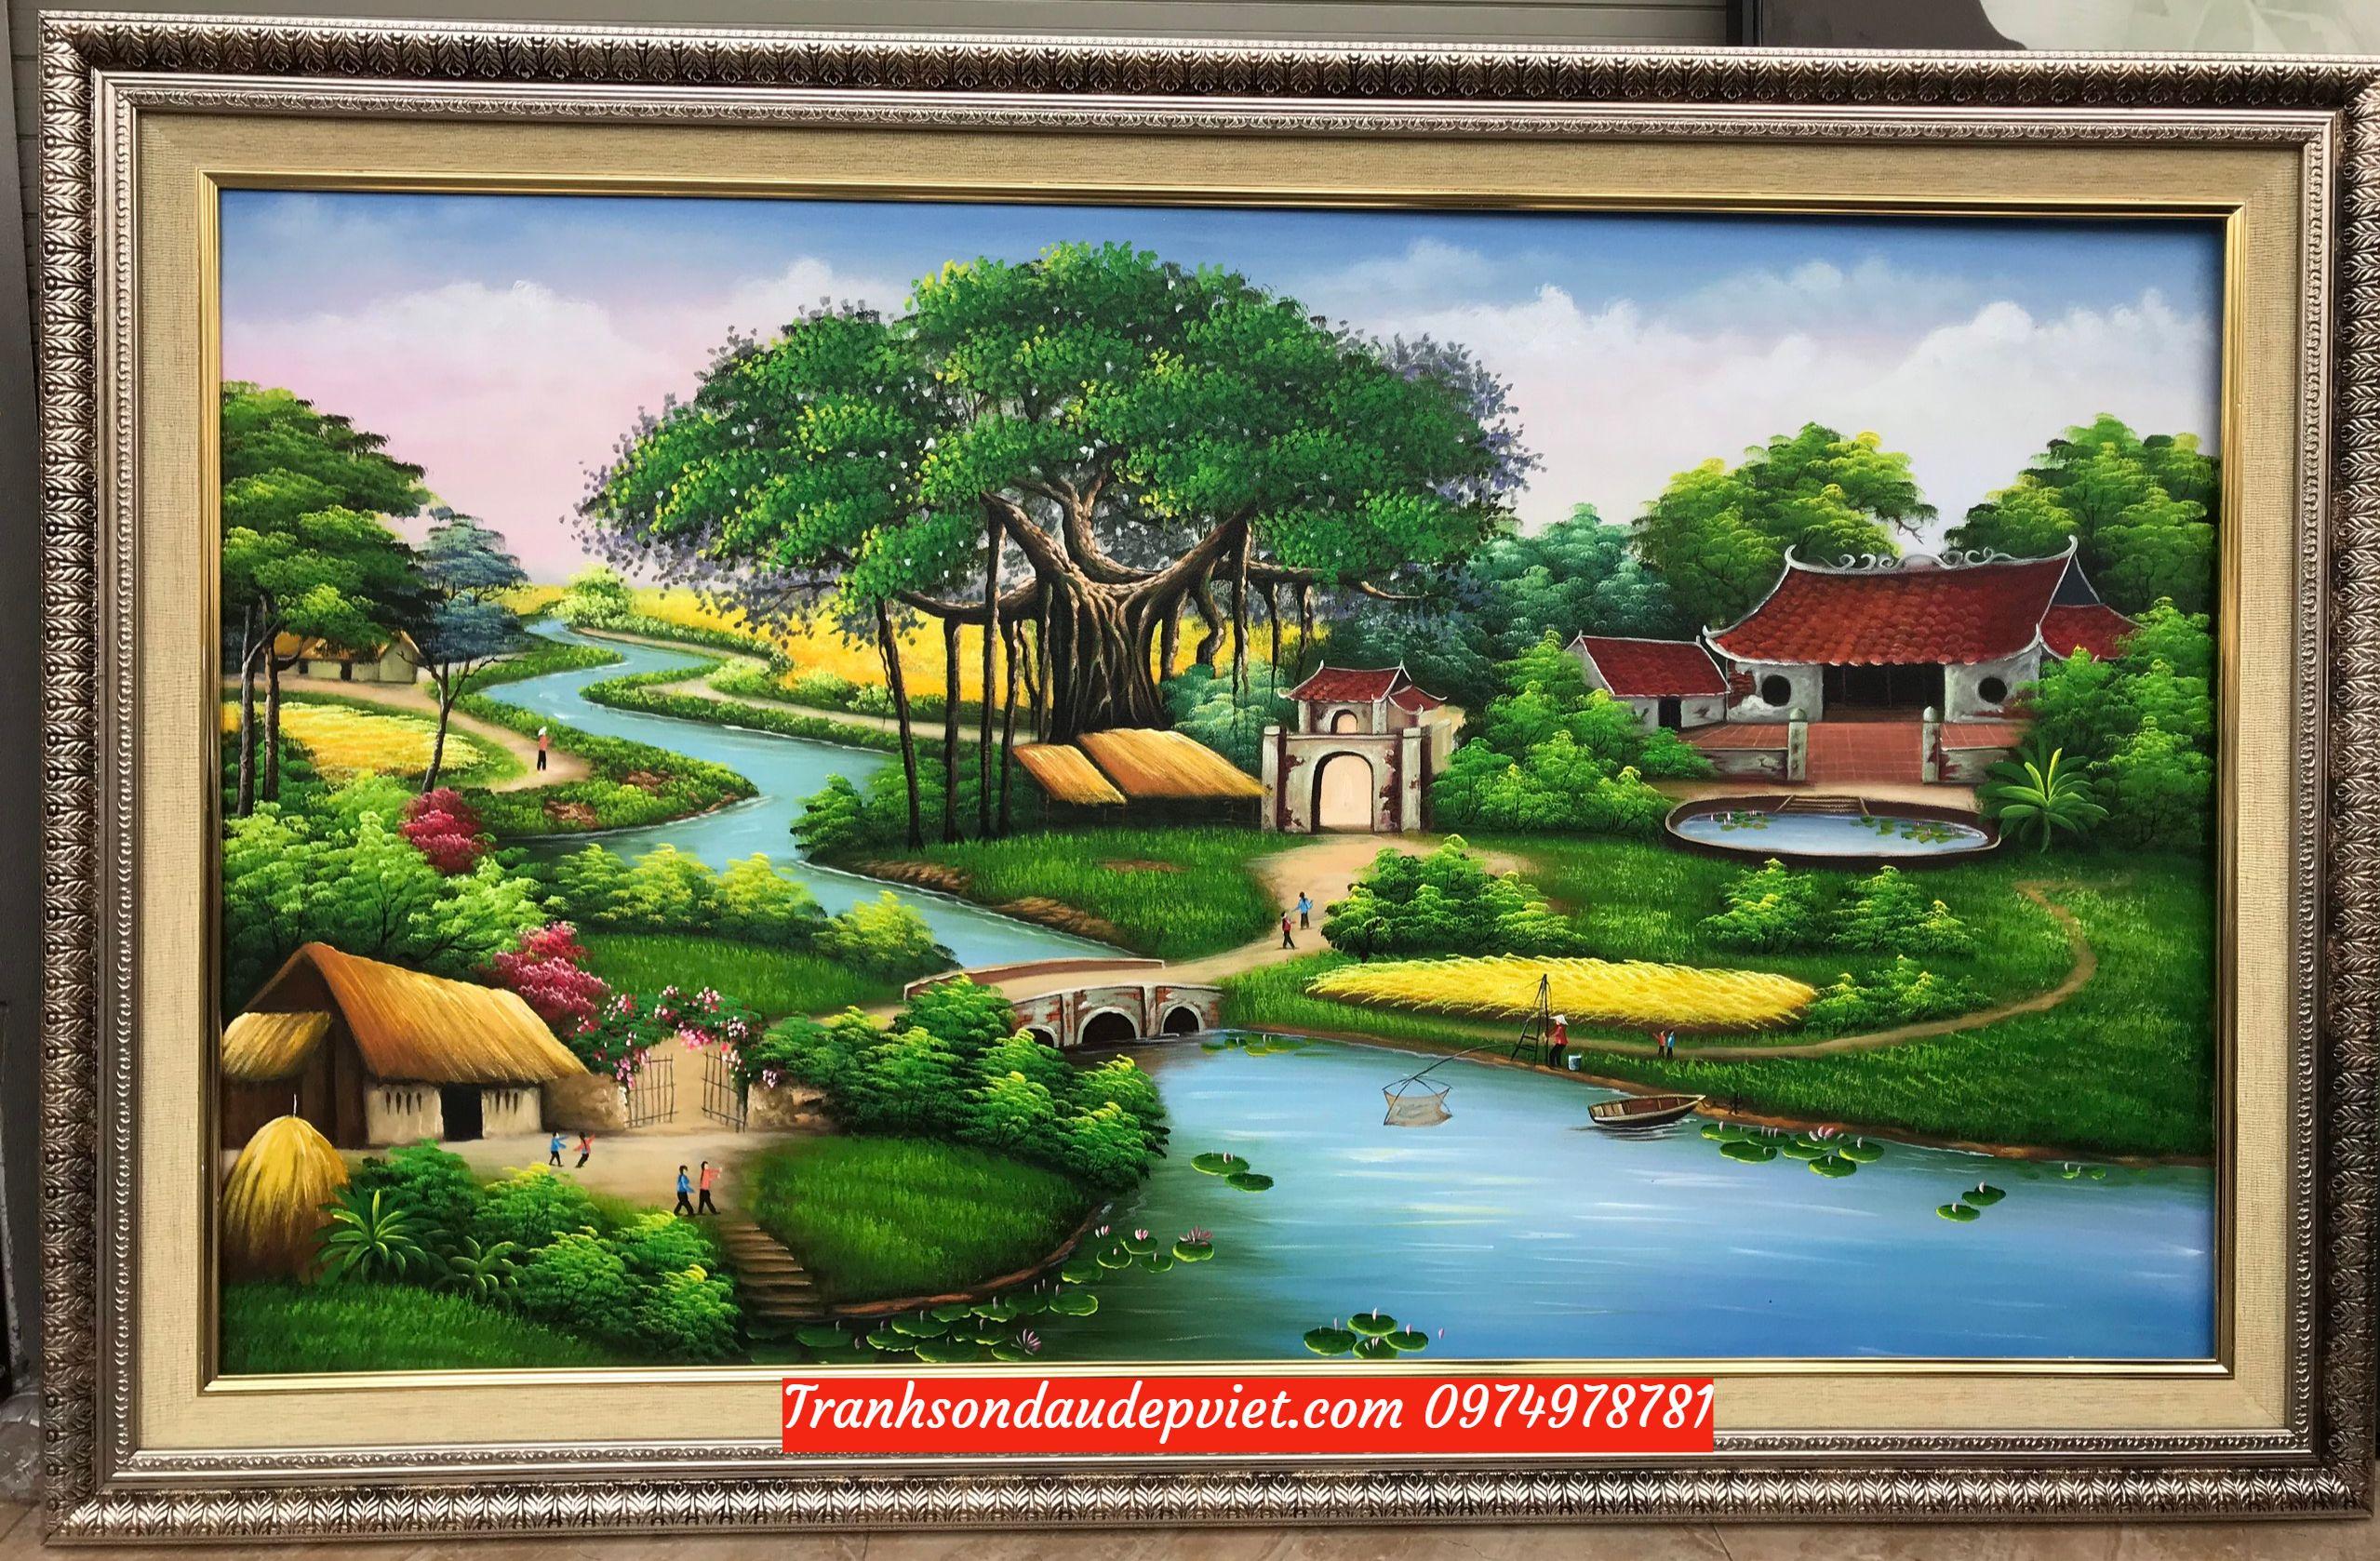 Tranh đồng quê việt nam, Tranh sơn dầu đồng quê đẹp SD002